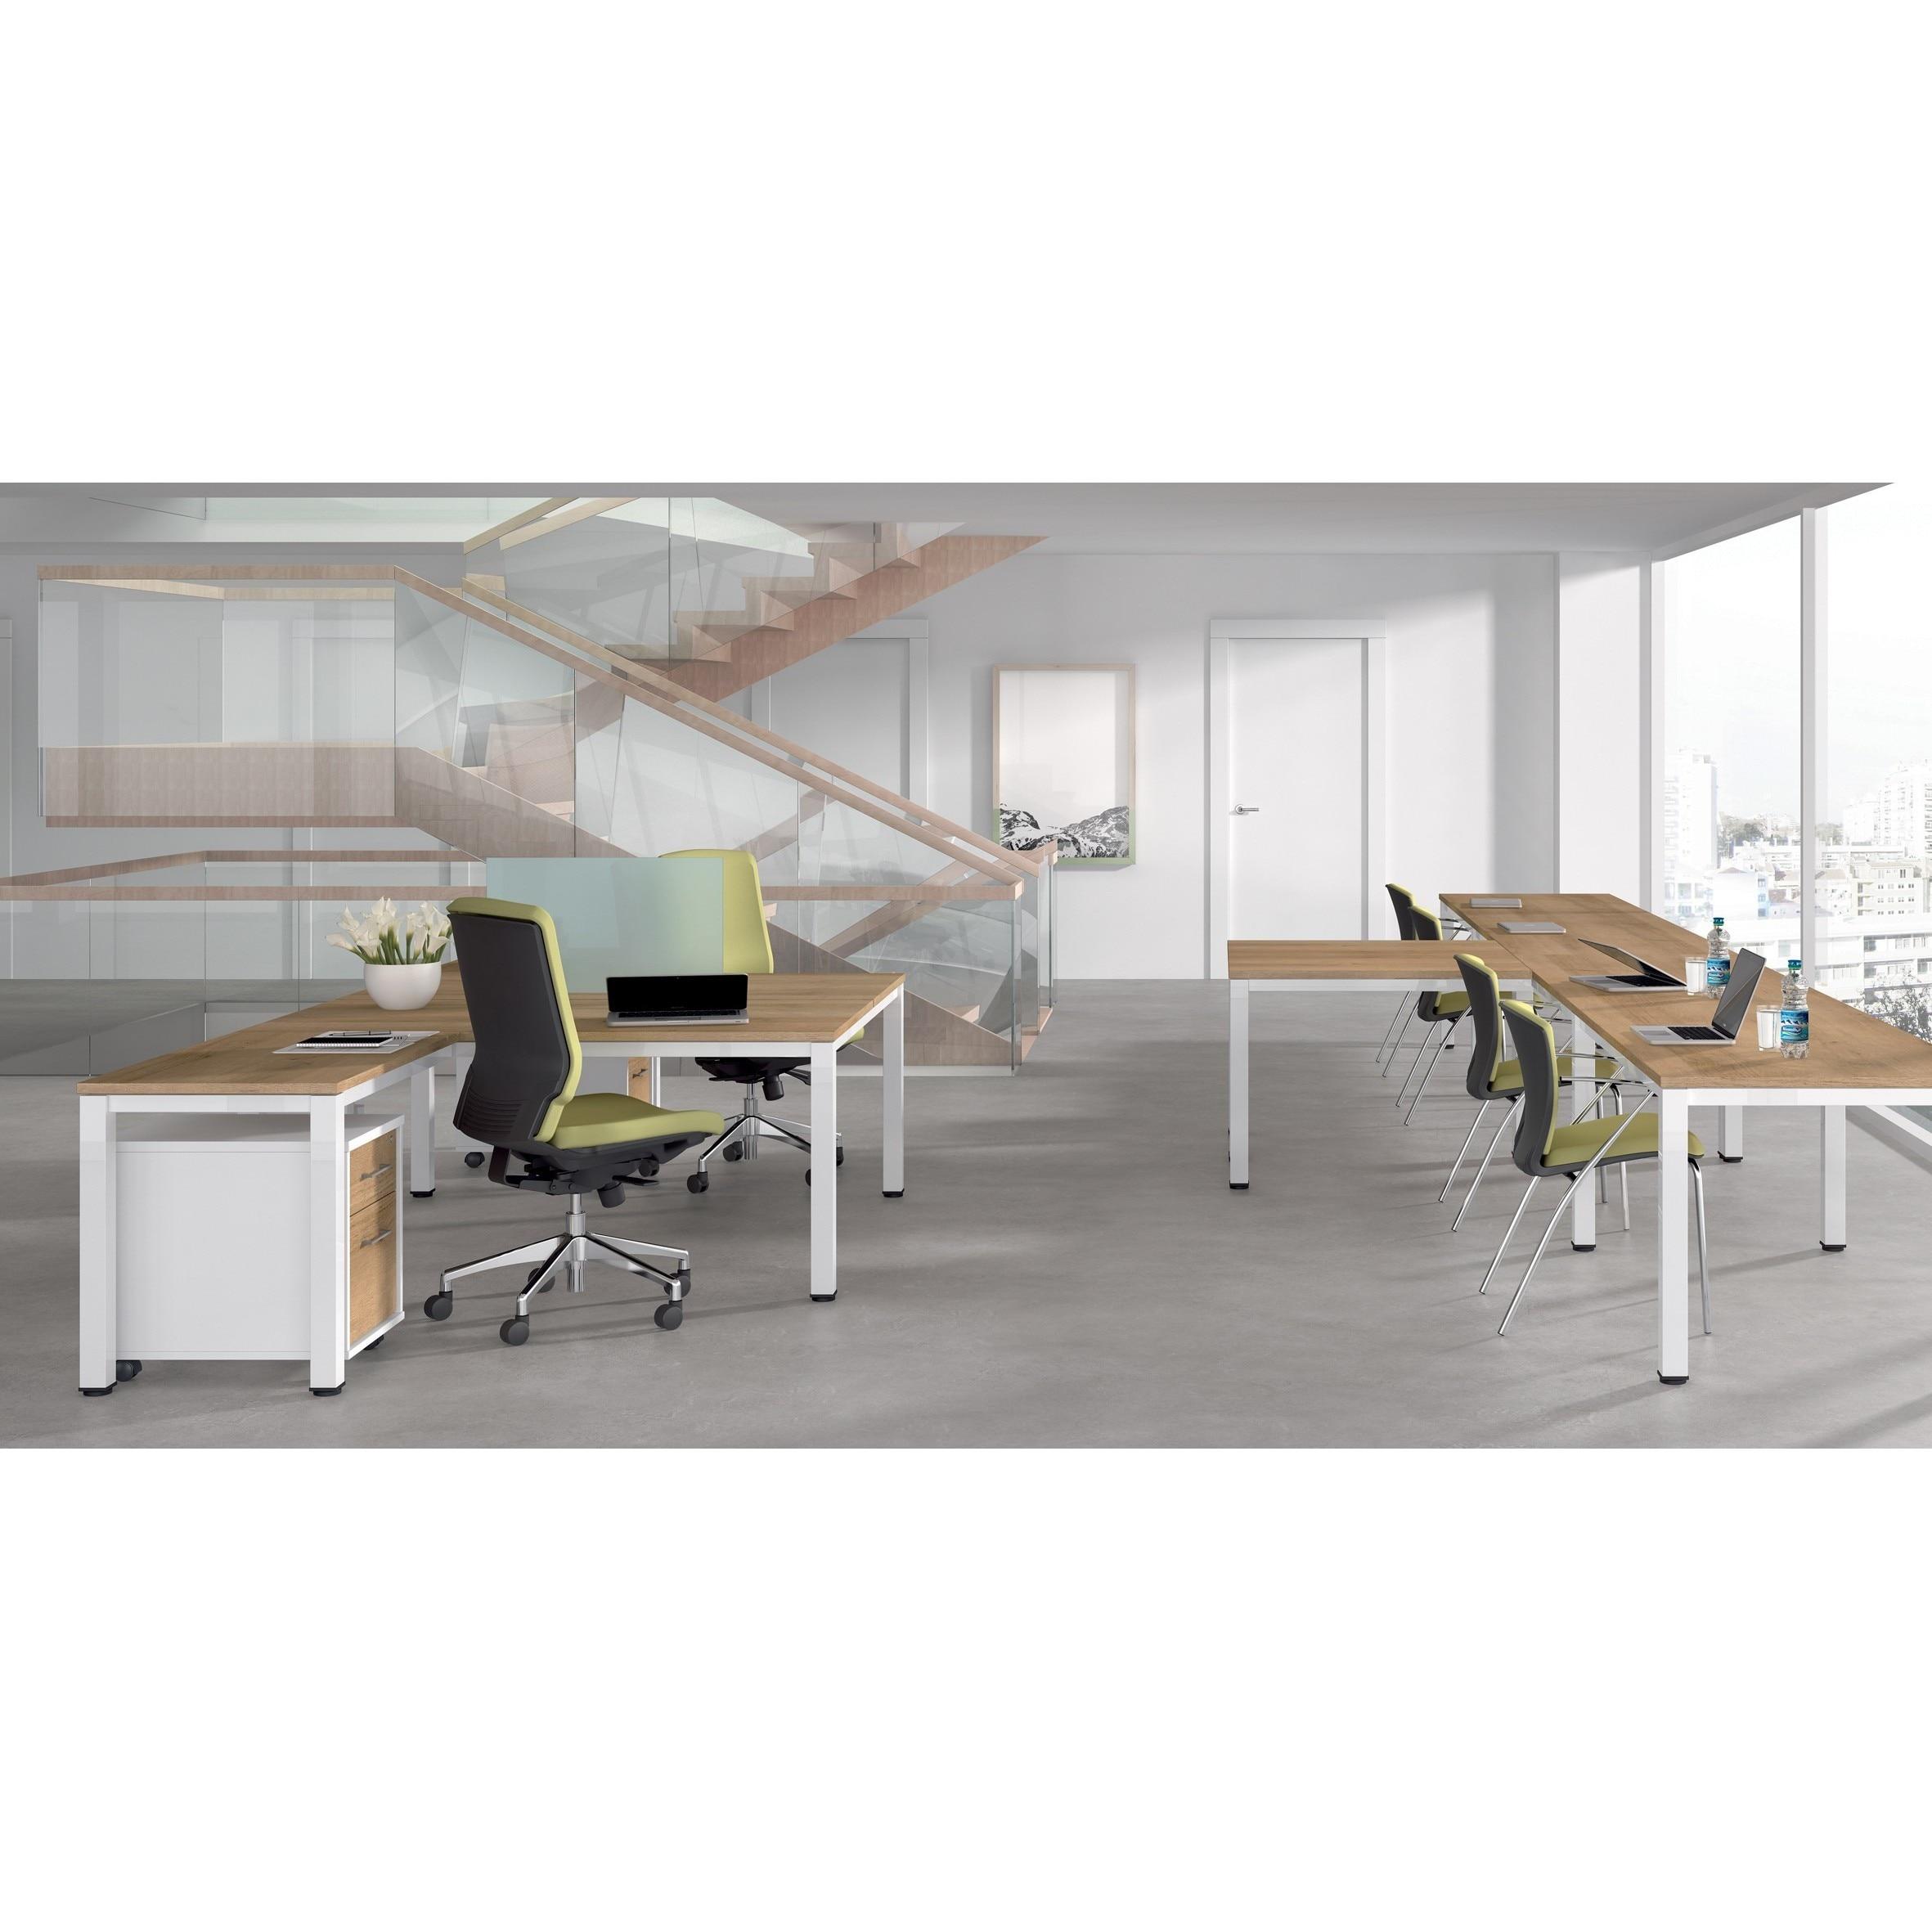 TABLE DE OFFICE DOUBLE EXECUTIVE SERIES 160X163 CHROME/BEECH